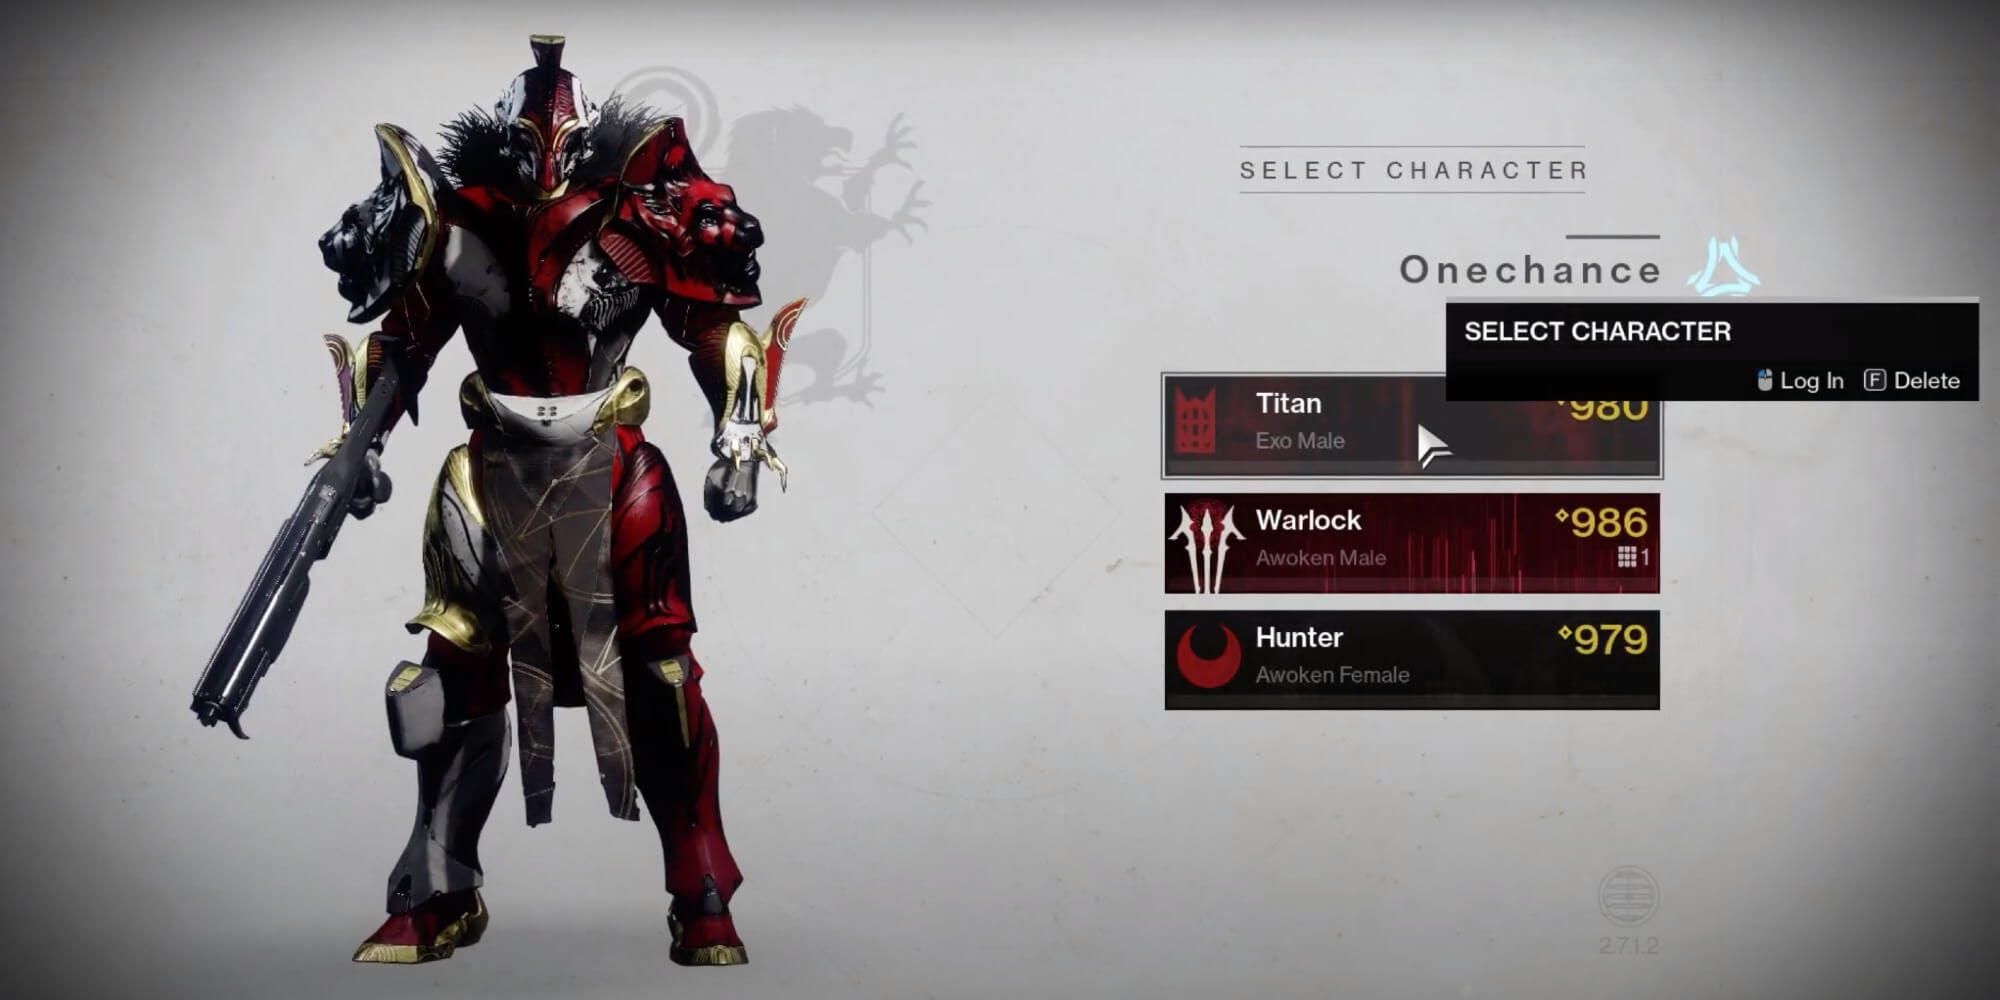 Destiny 2 classes - Titan